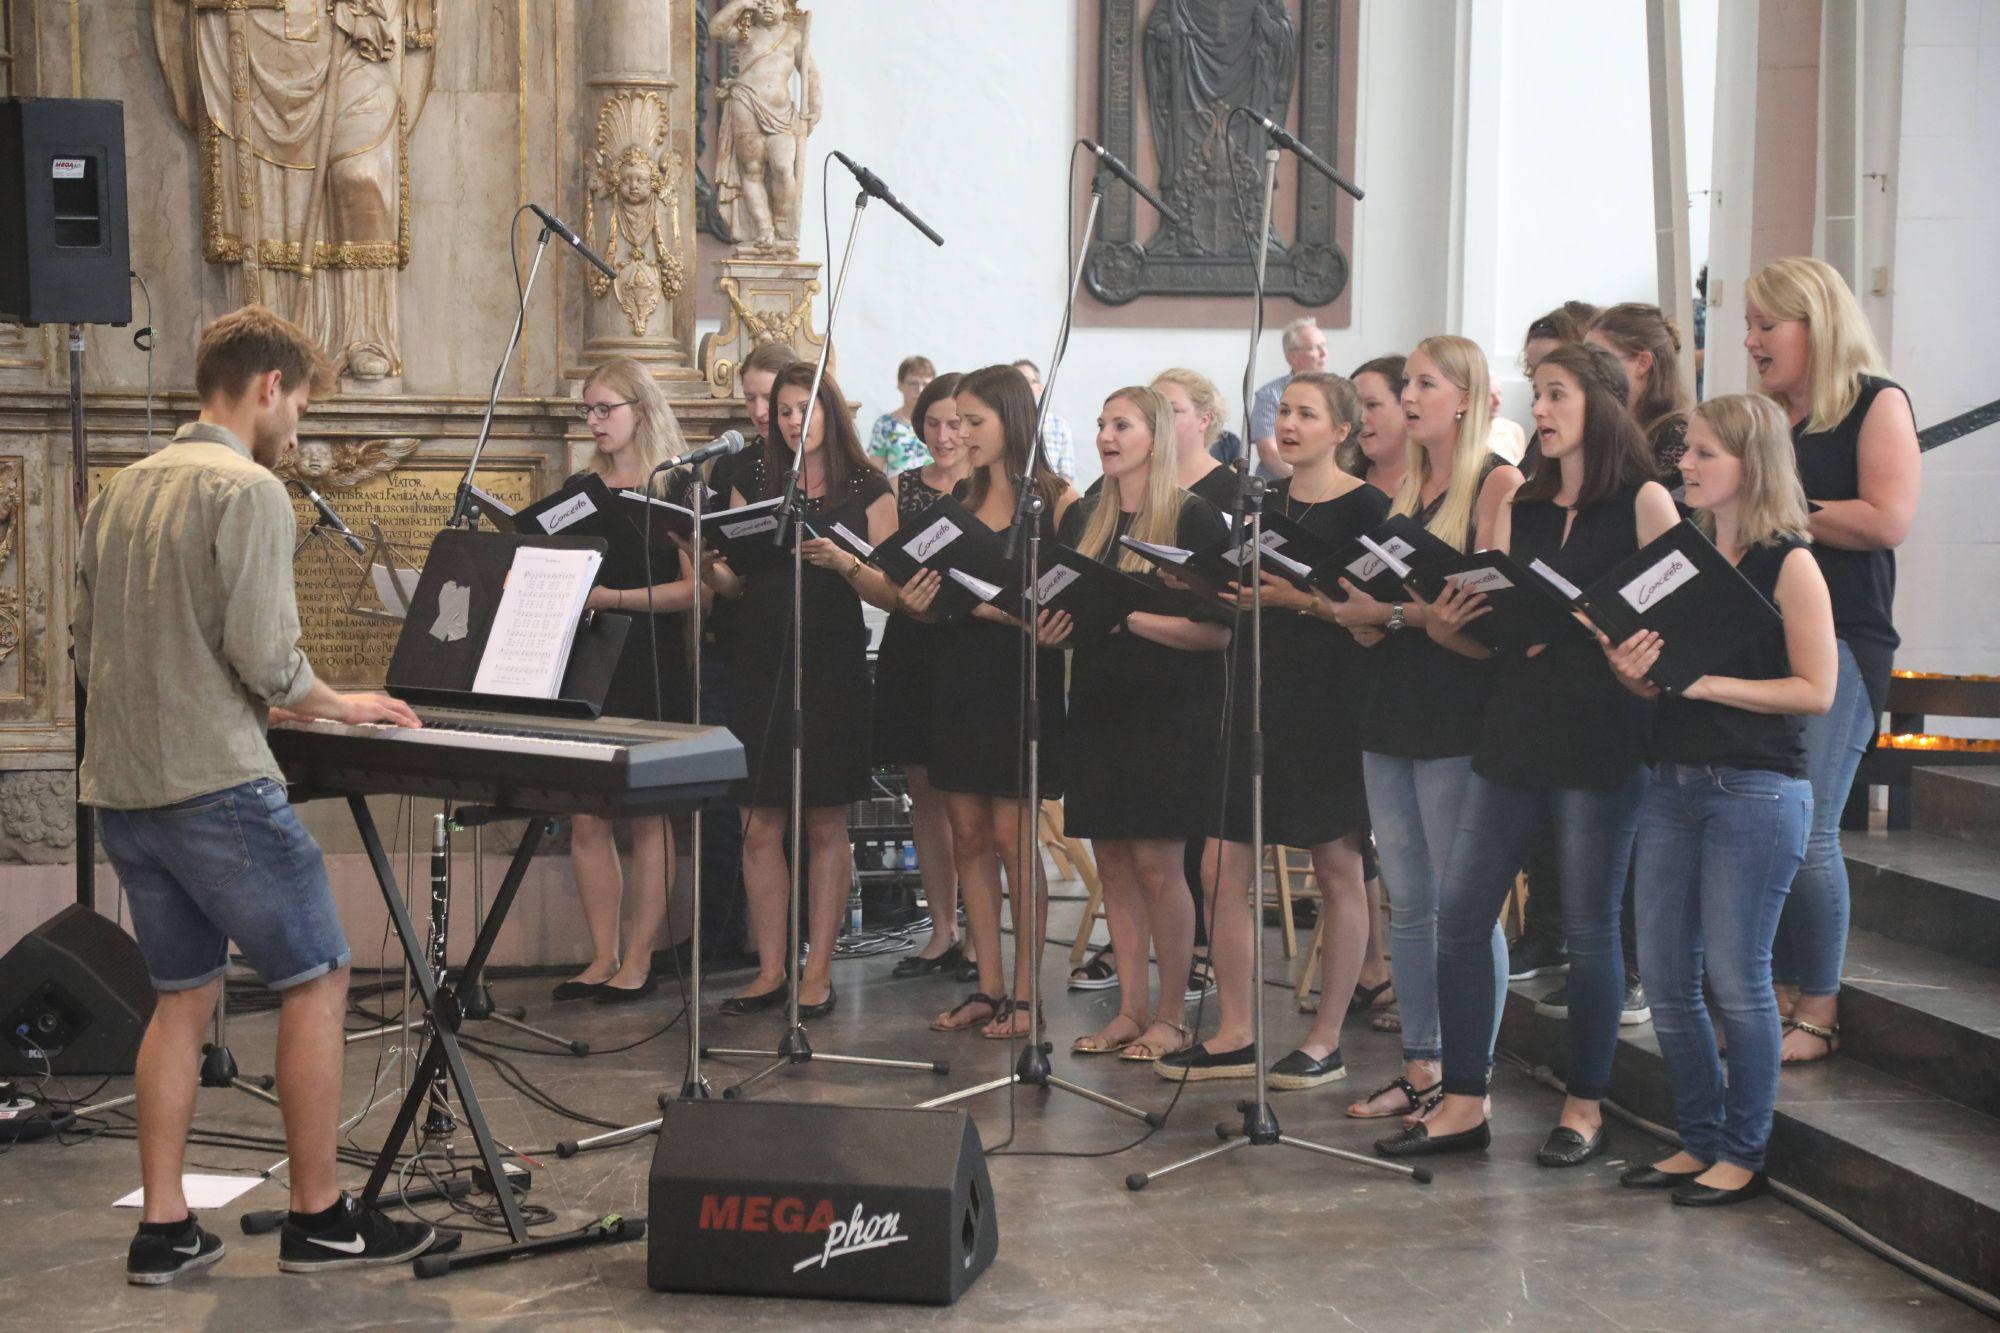 Rund 1300 Personen feierten am Freitag, 5. Juli, den Gottesdienst für Ehepaare, die vor 25 Jahren geheiratet haben, im Würzburger Kiliansdom mit.